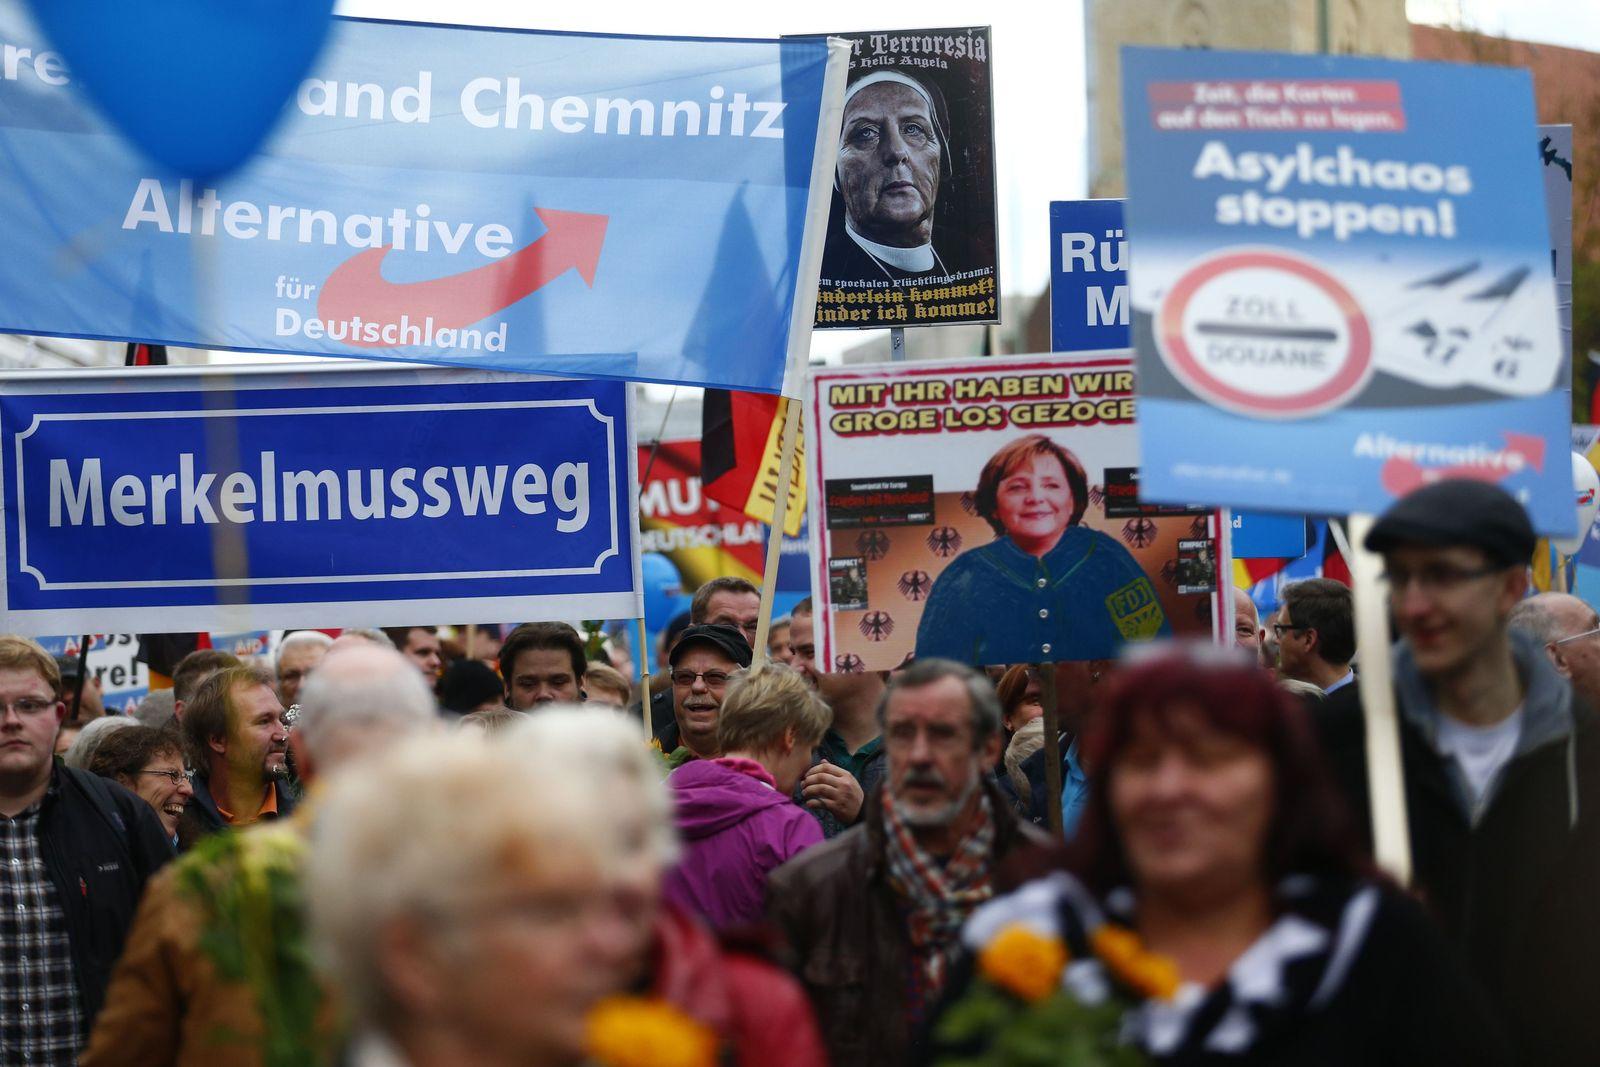 Berlin / Alternative für Deutschland / AfD